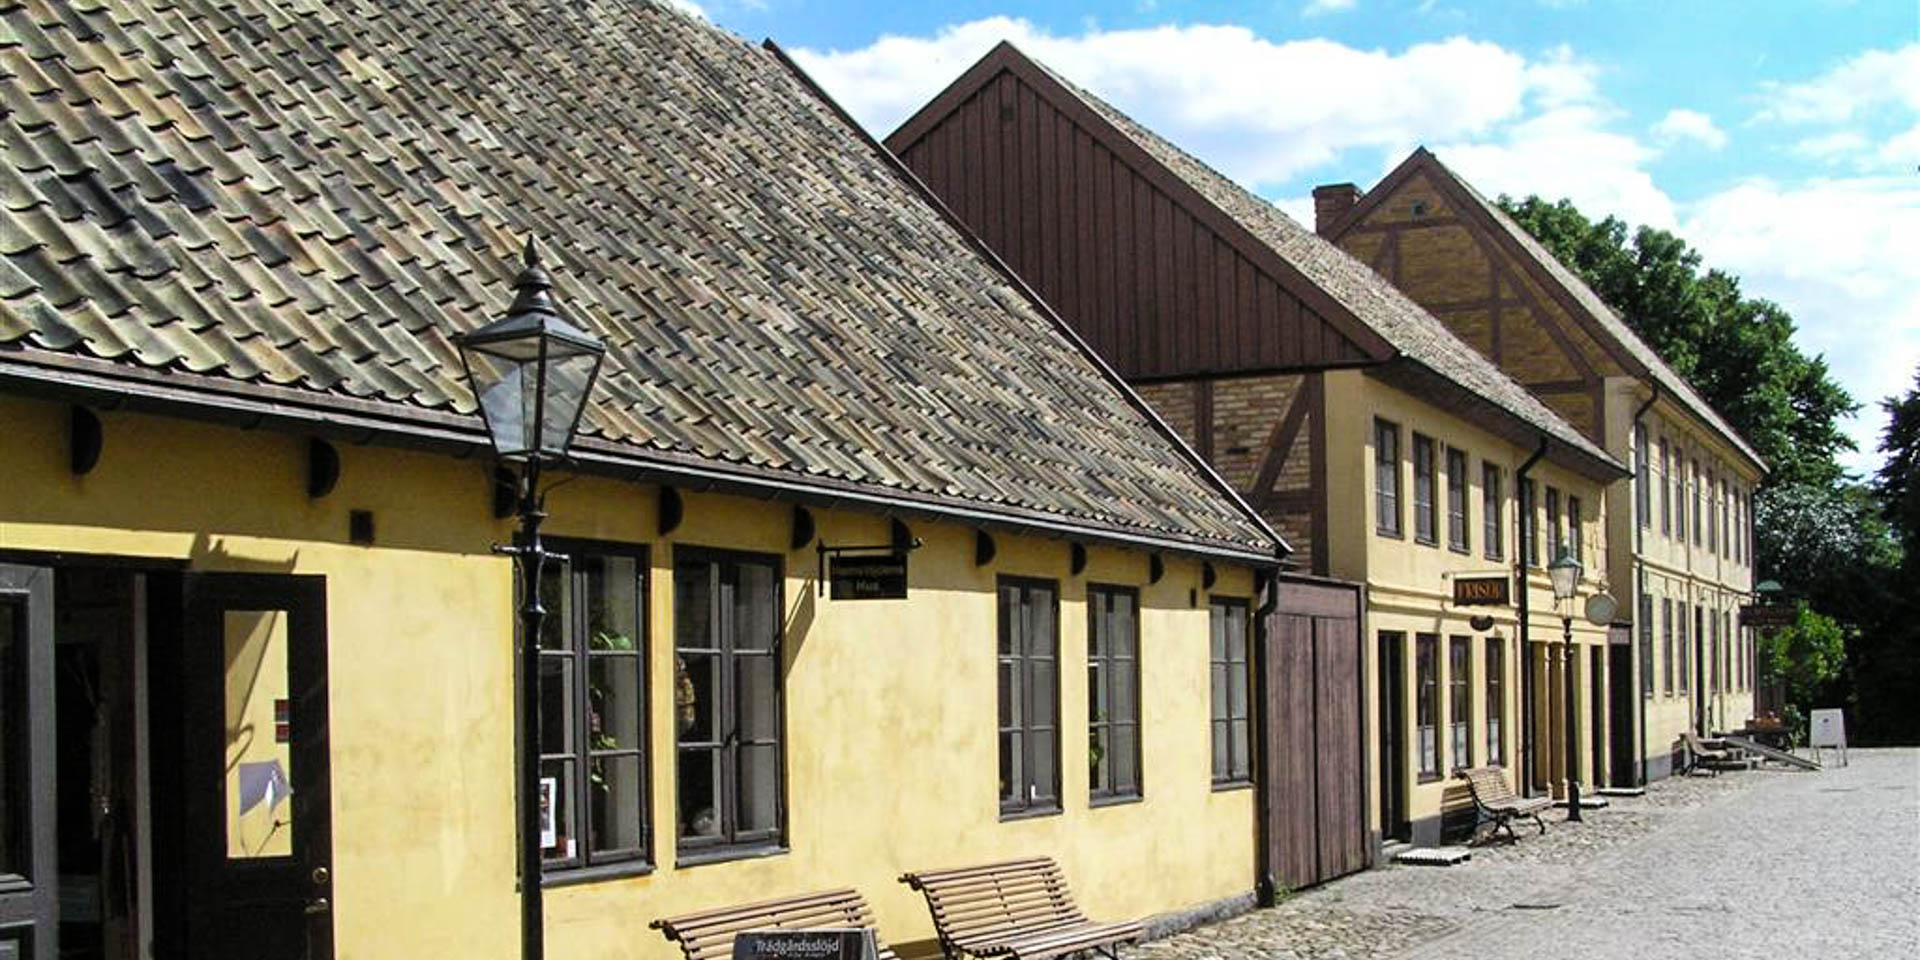 Fredriksdal Museer och Trädgårdar 2005